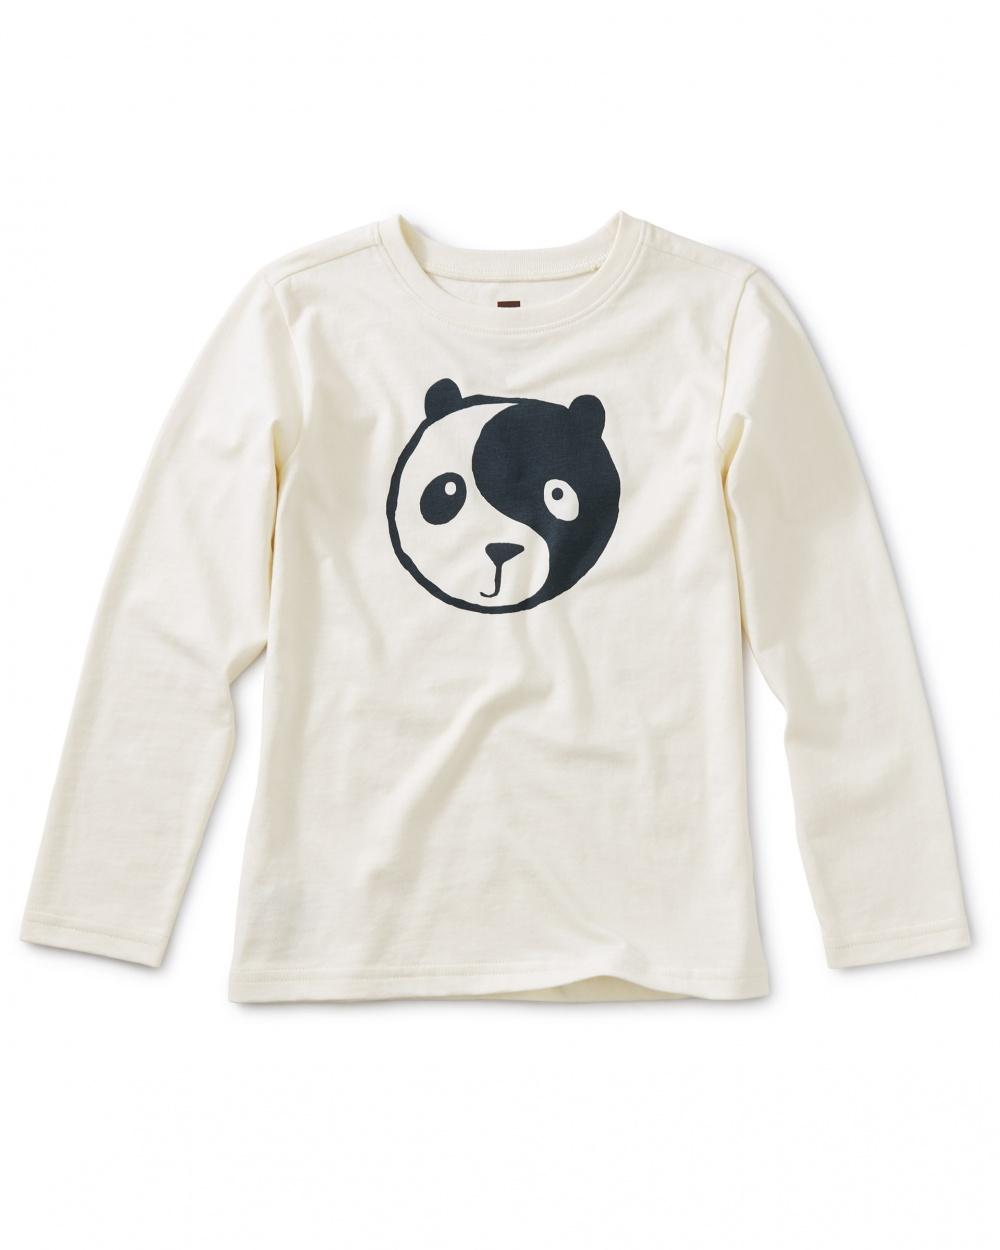 Yin Yang Panda Graphic Tee